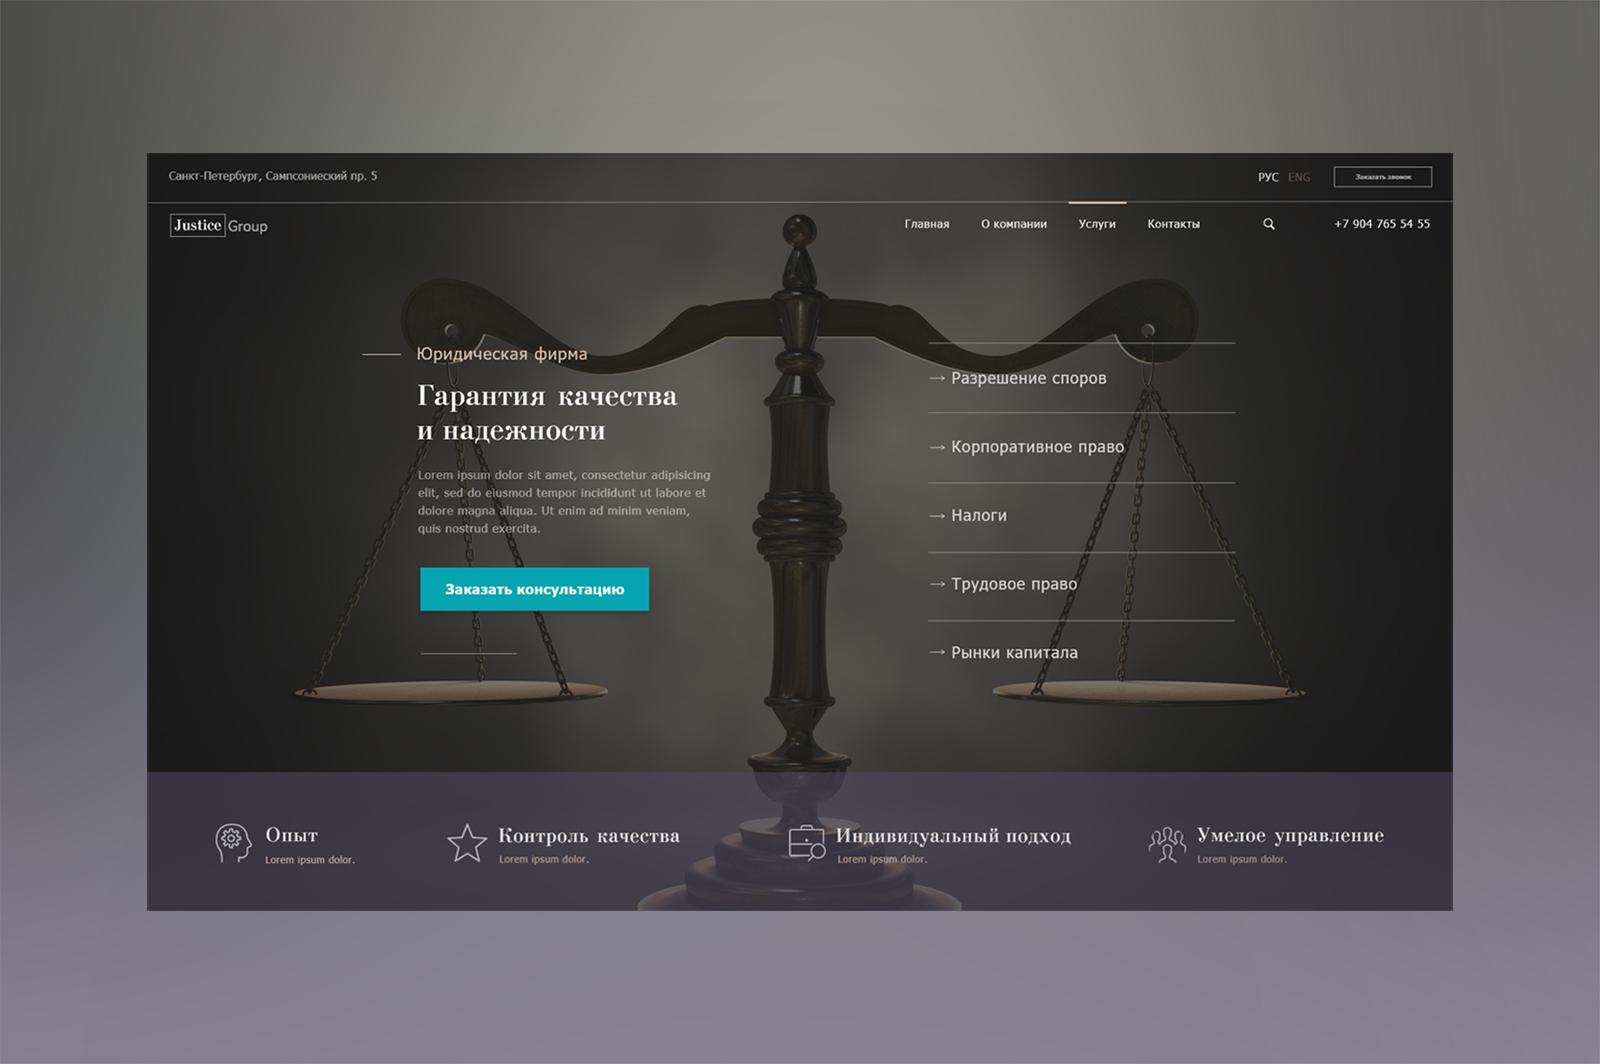 Сайт фриланс для юристов работа для фрилансёров